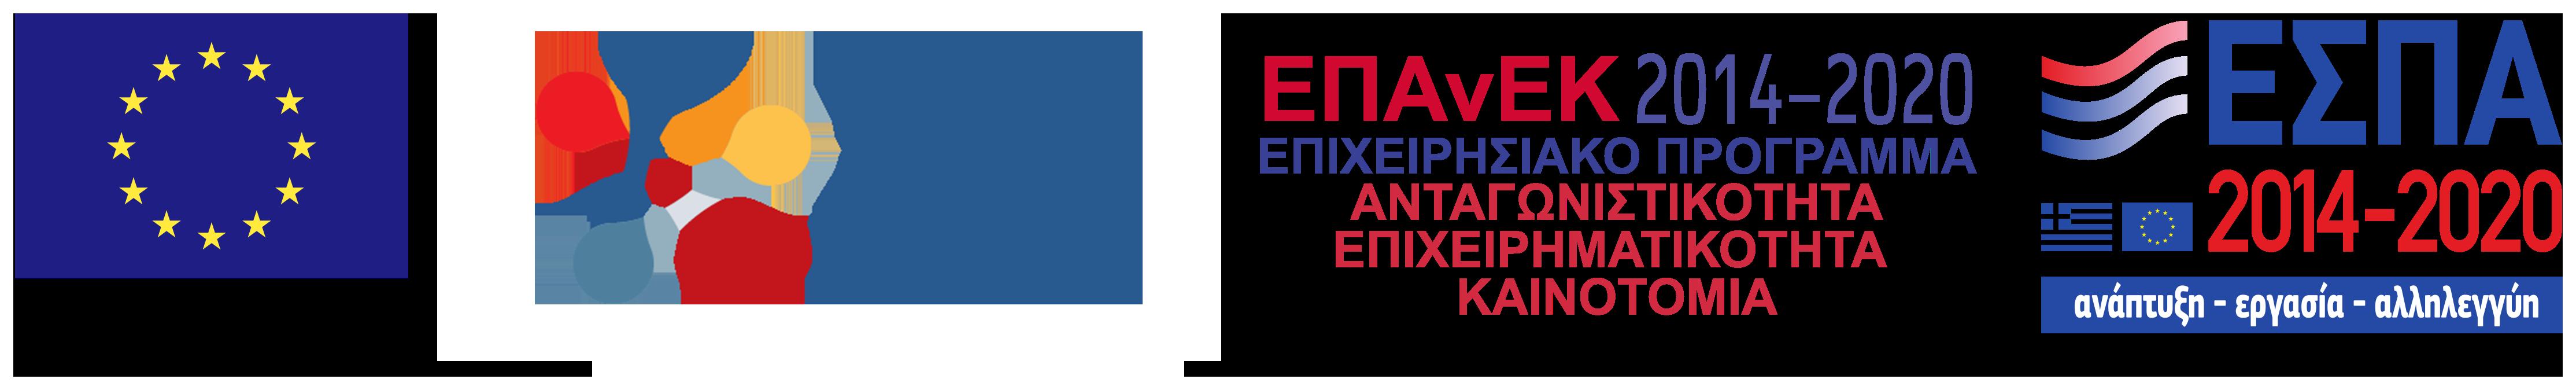 logos-espa